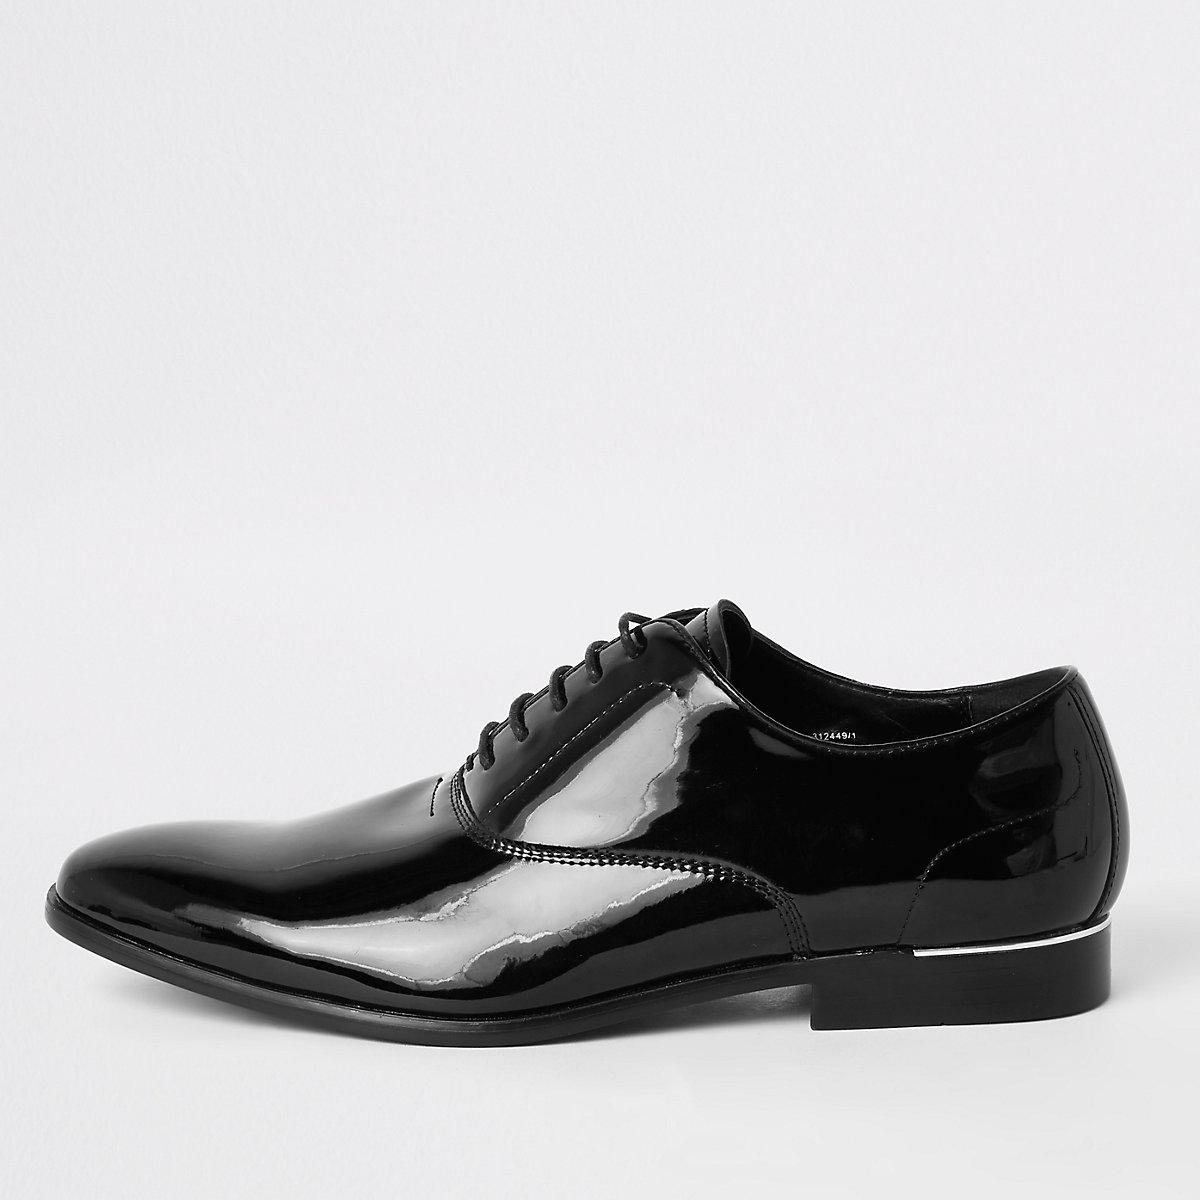 Black patent lace-up derby shoes